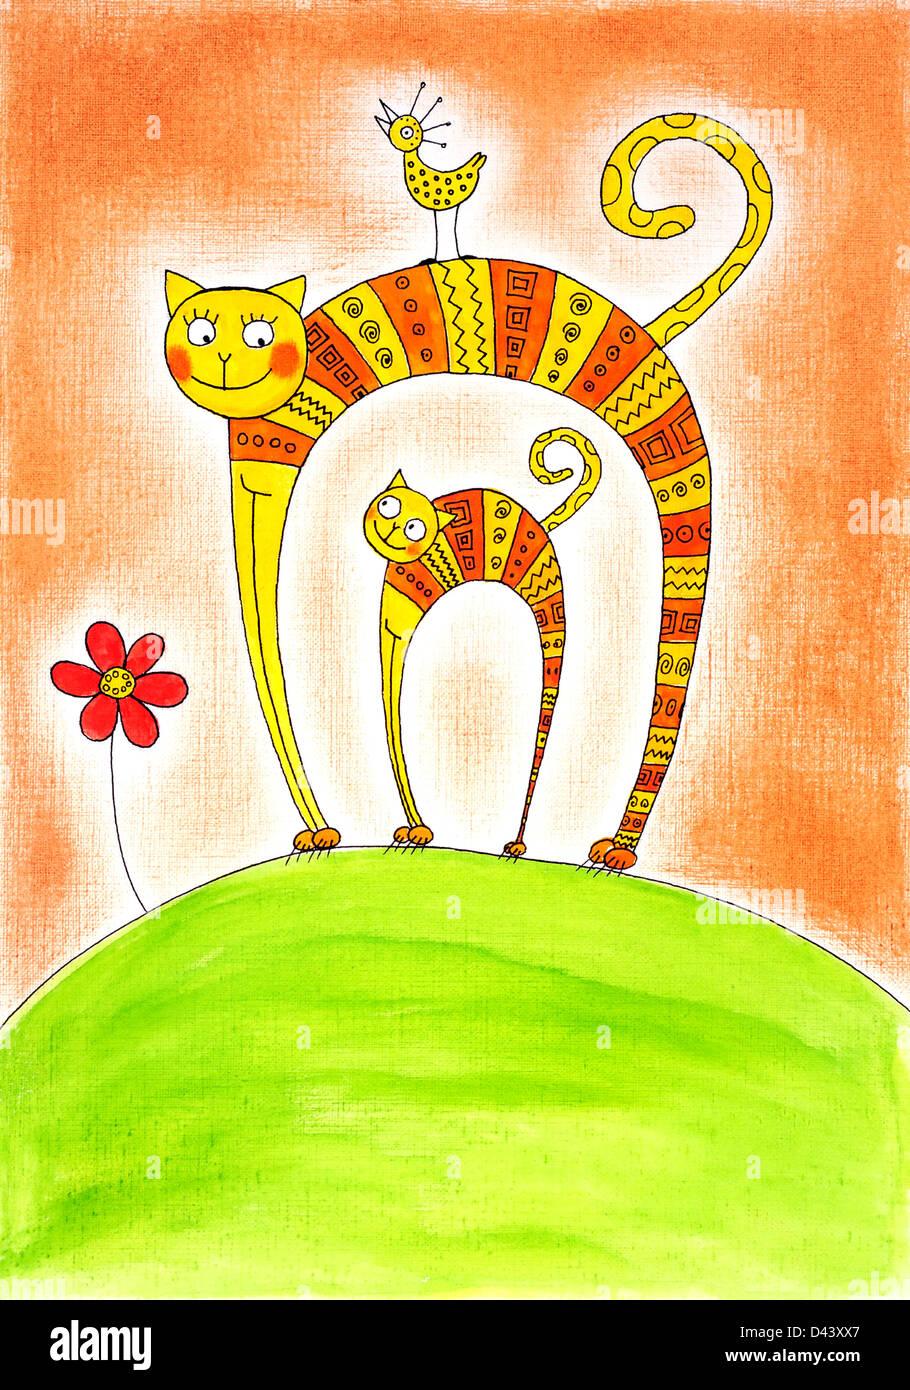 Gato y el gatito del niño, el dibujo, la pintura con acuarela sobre papel Imagen De Stock